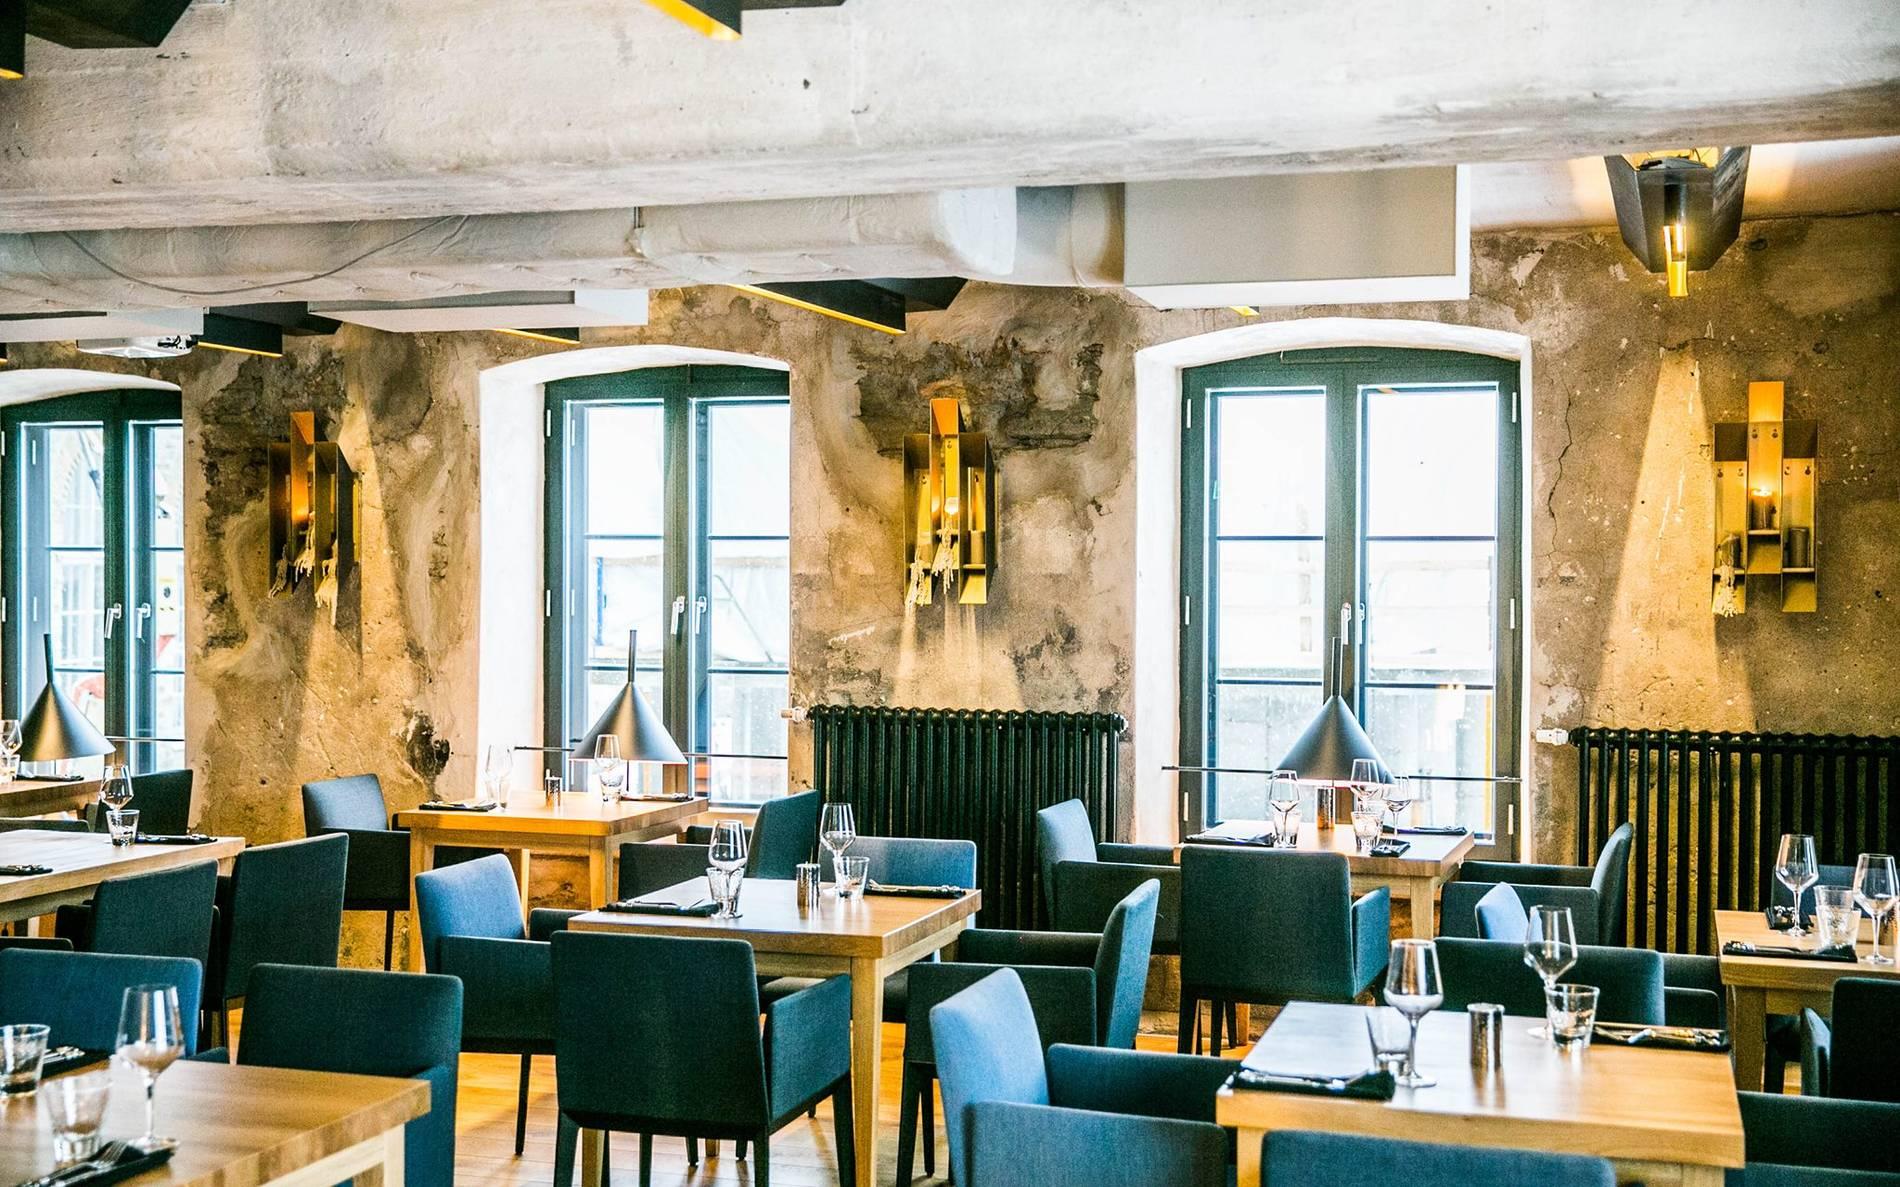 Vaade restoran Pull interjöörile, mis asub Tallinnas Rotermanni kvartalis, Eestis.